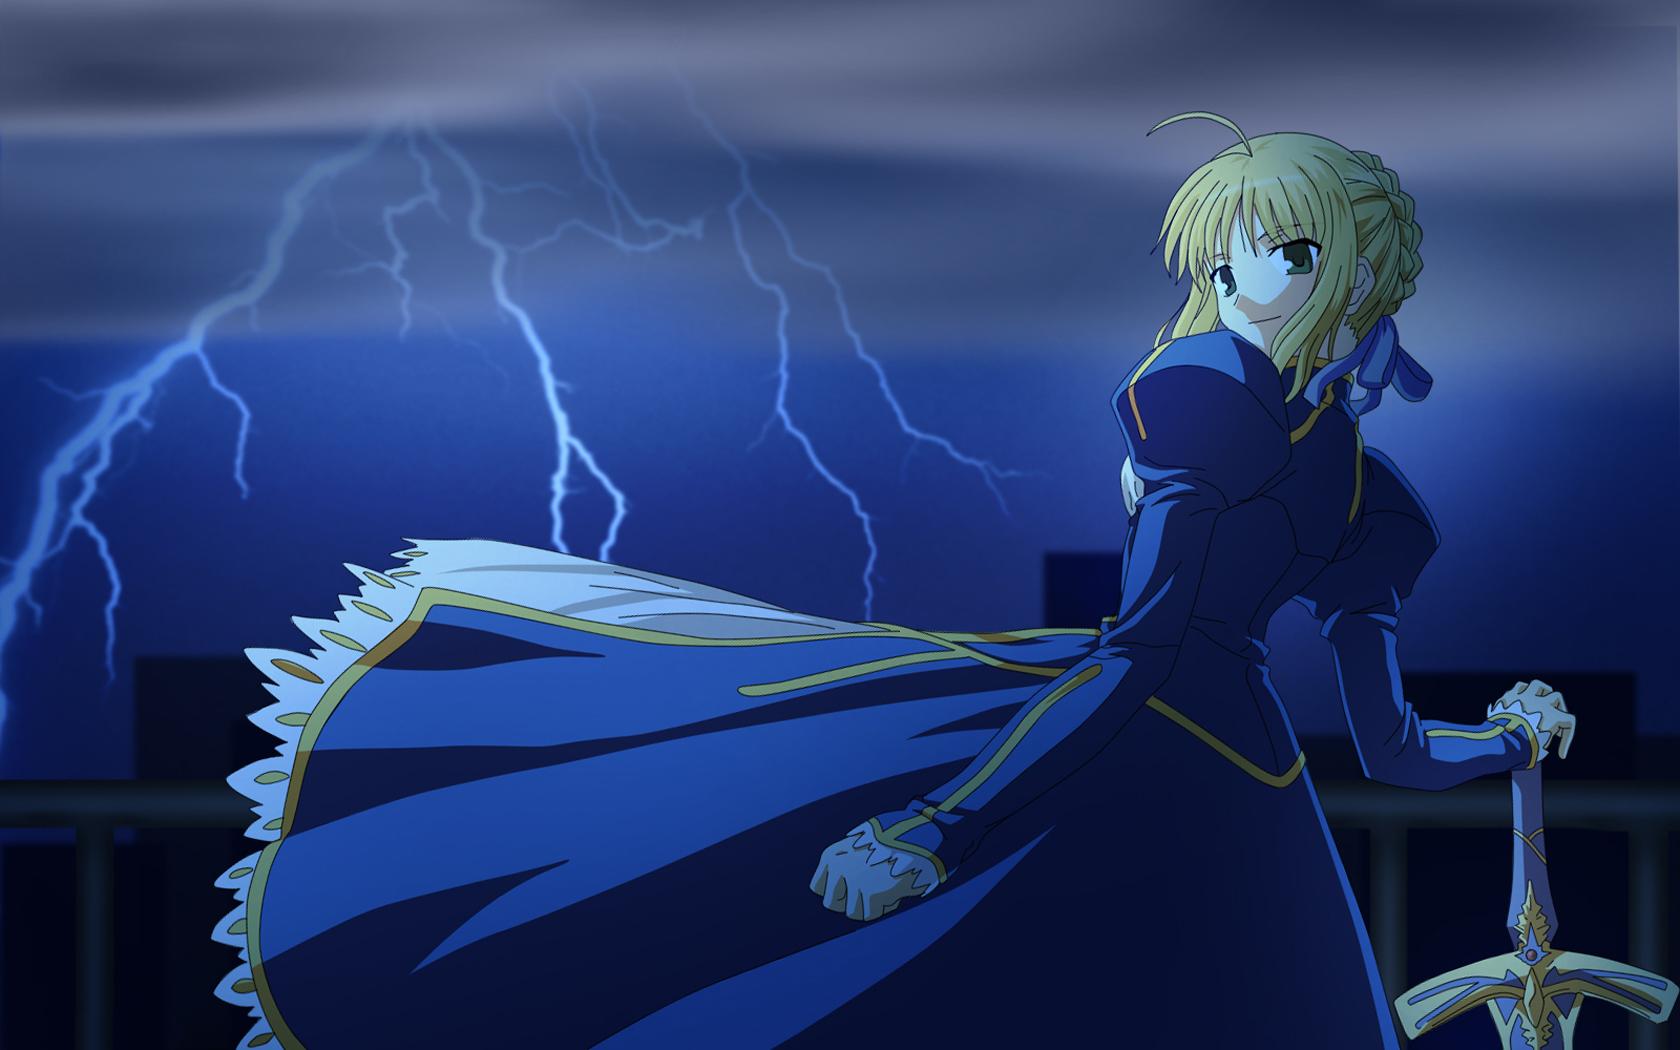 fatestay night saber konachancom   Konachancom Anime Wallpapers 1680x1050